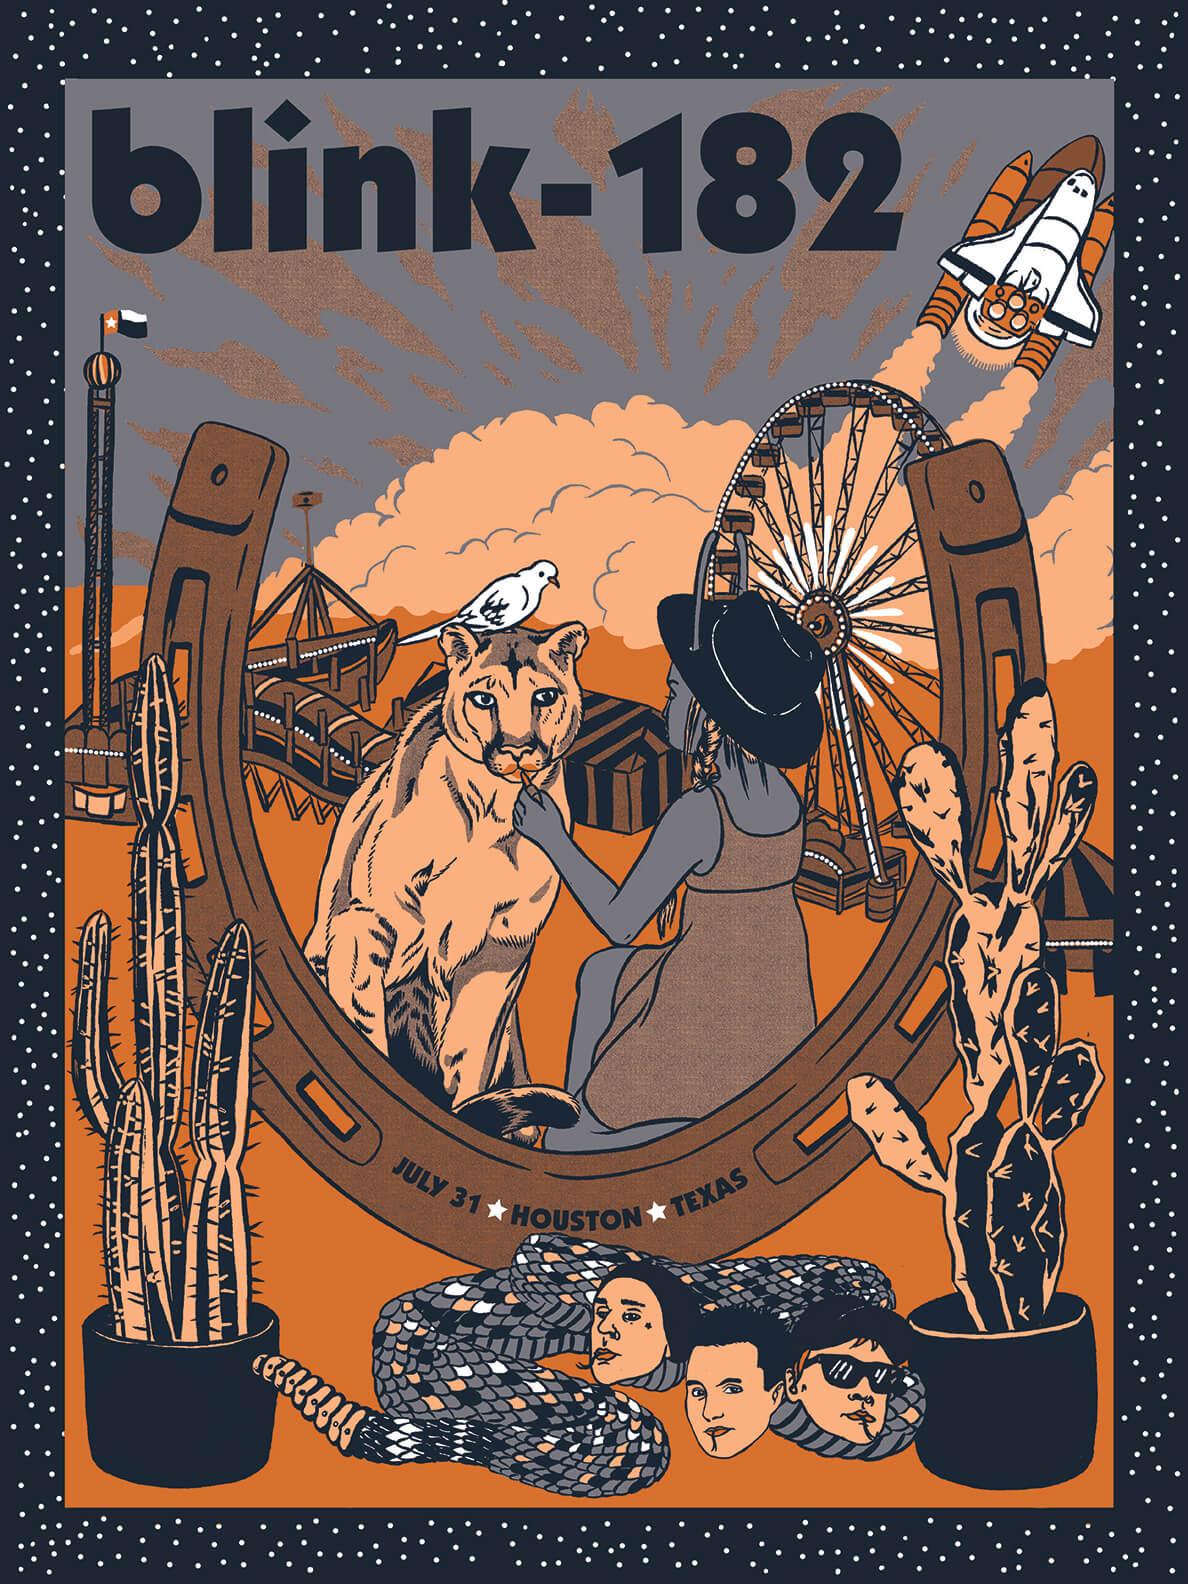 Blink 182 Poster- Houston, TX July 31